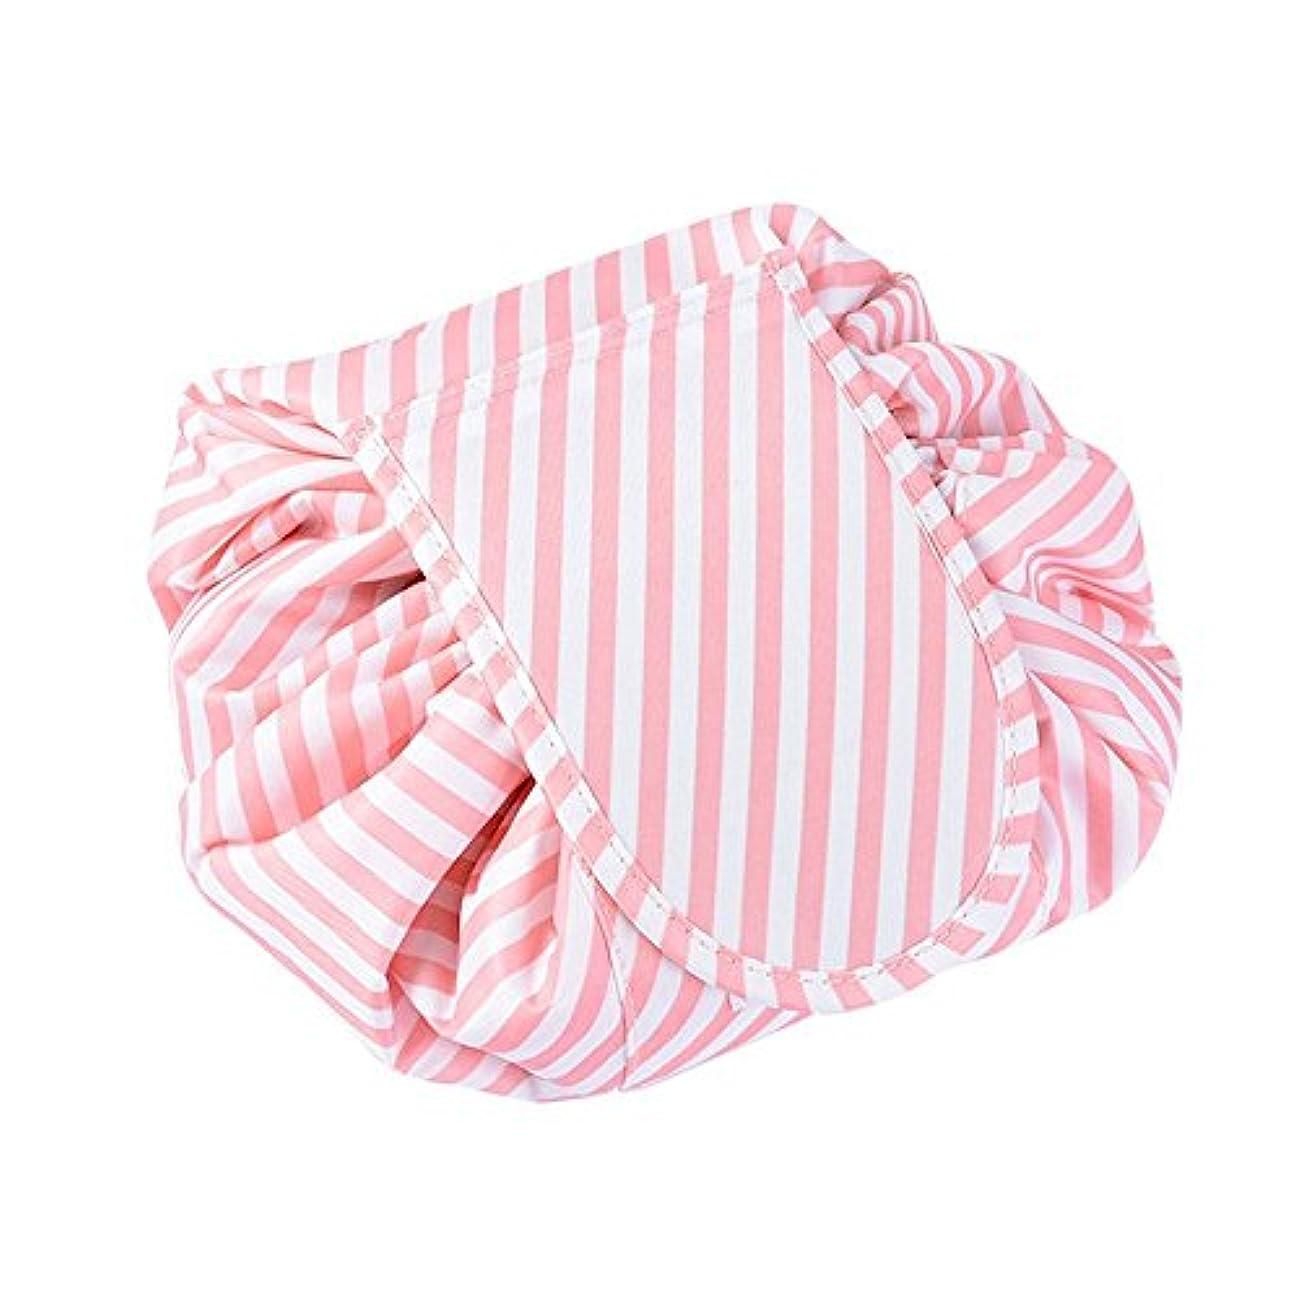 旅行化粧バッグ ファッションお手軽カジュアル巾着旅行防水大容量の化粧バック (ピング縞模様)